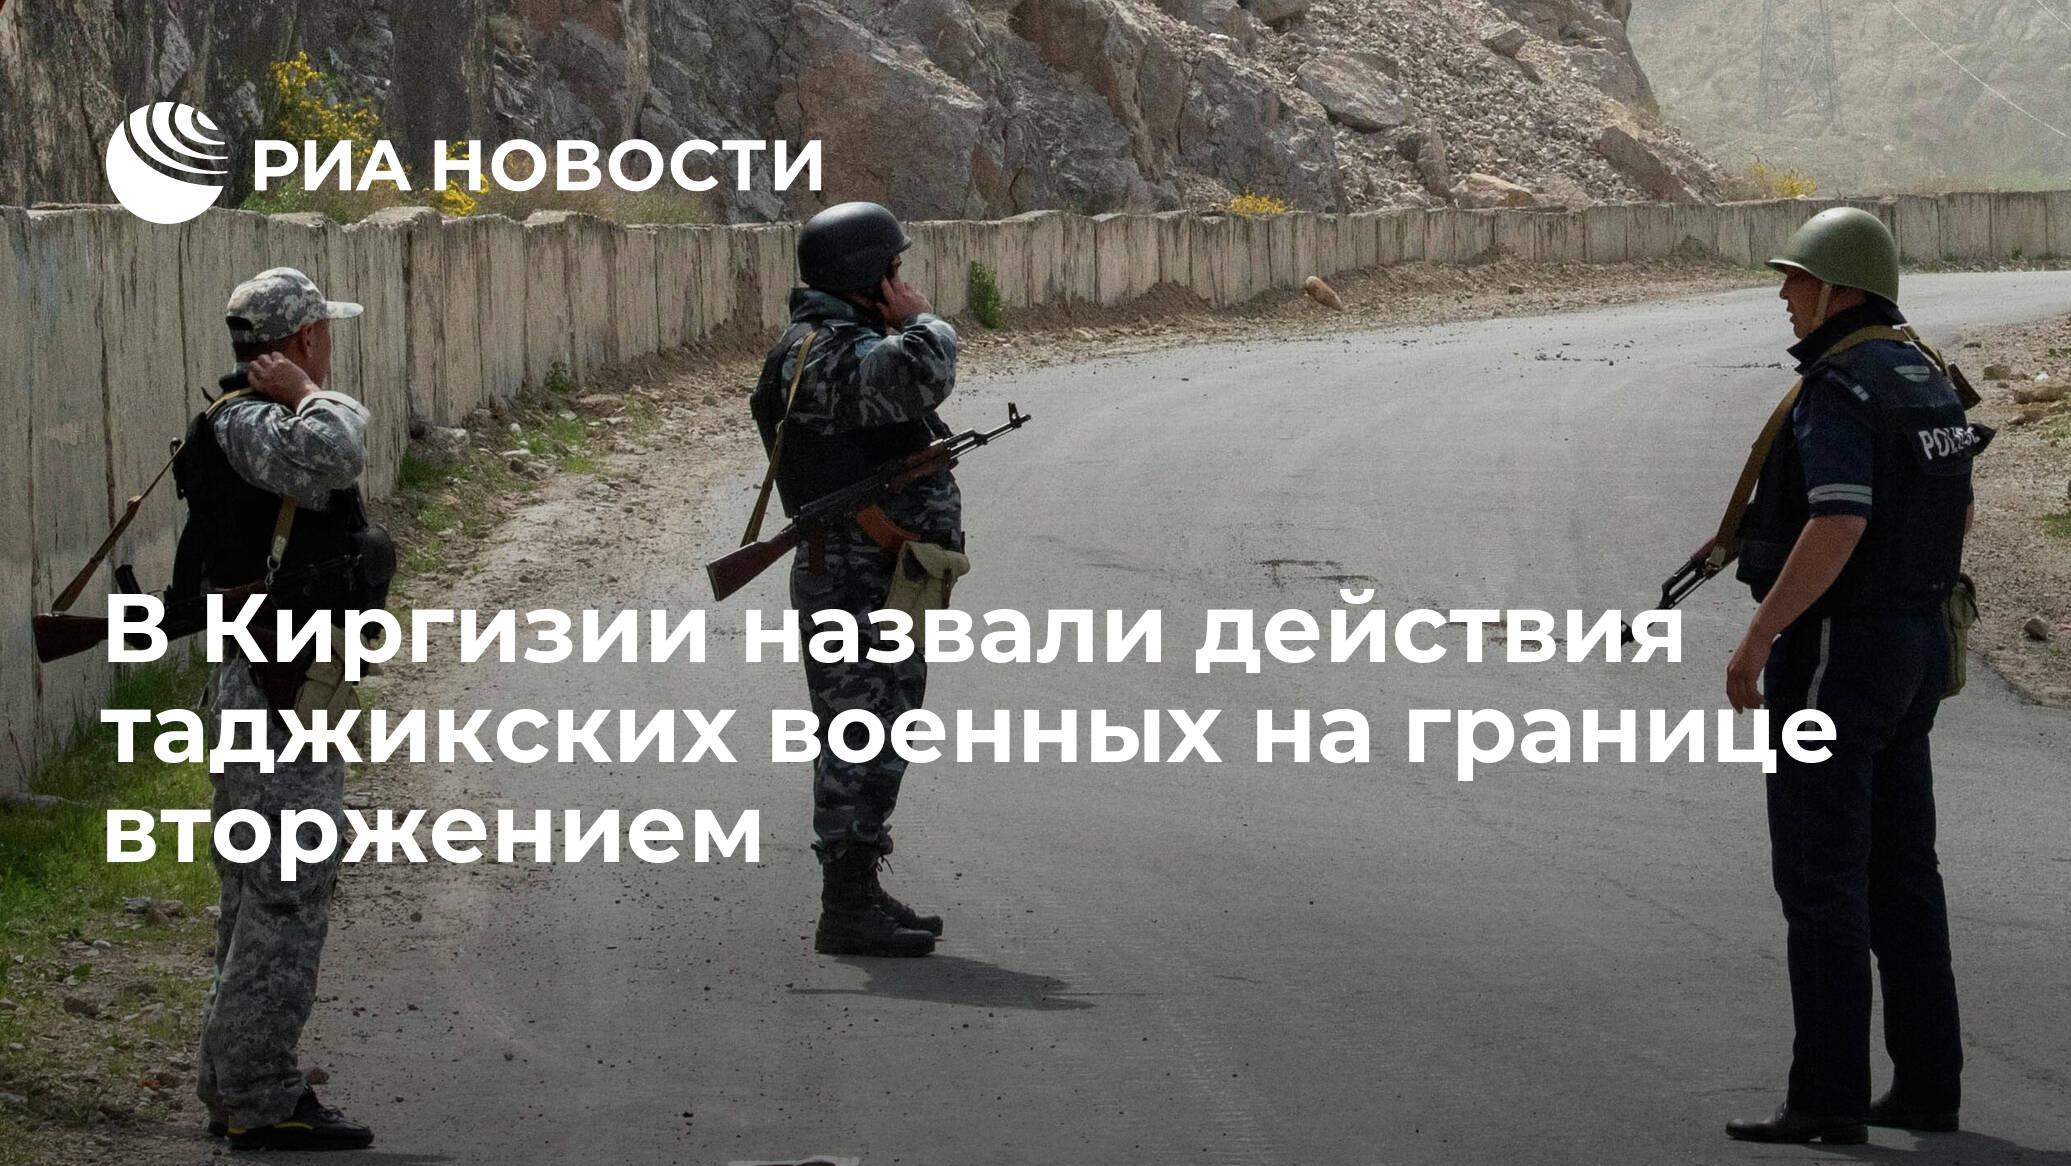 В Киргизии назвали действия таджикских военных на границе вторжением